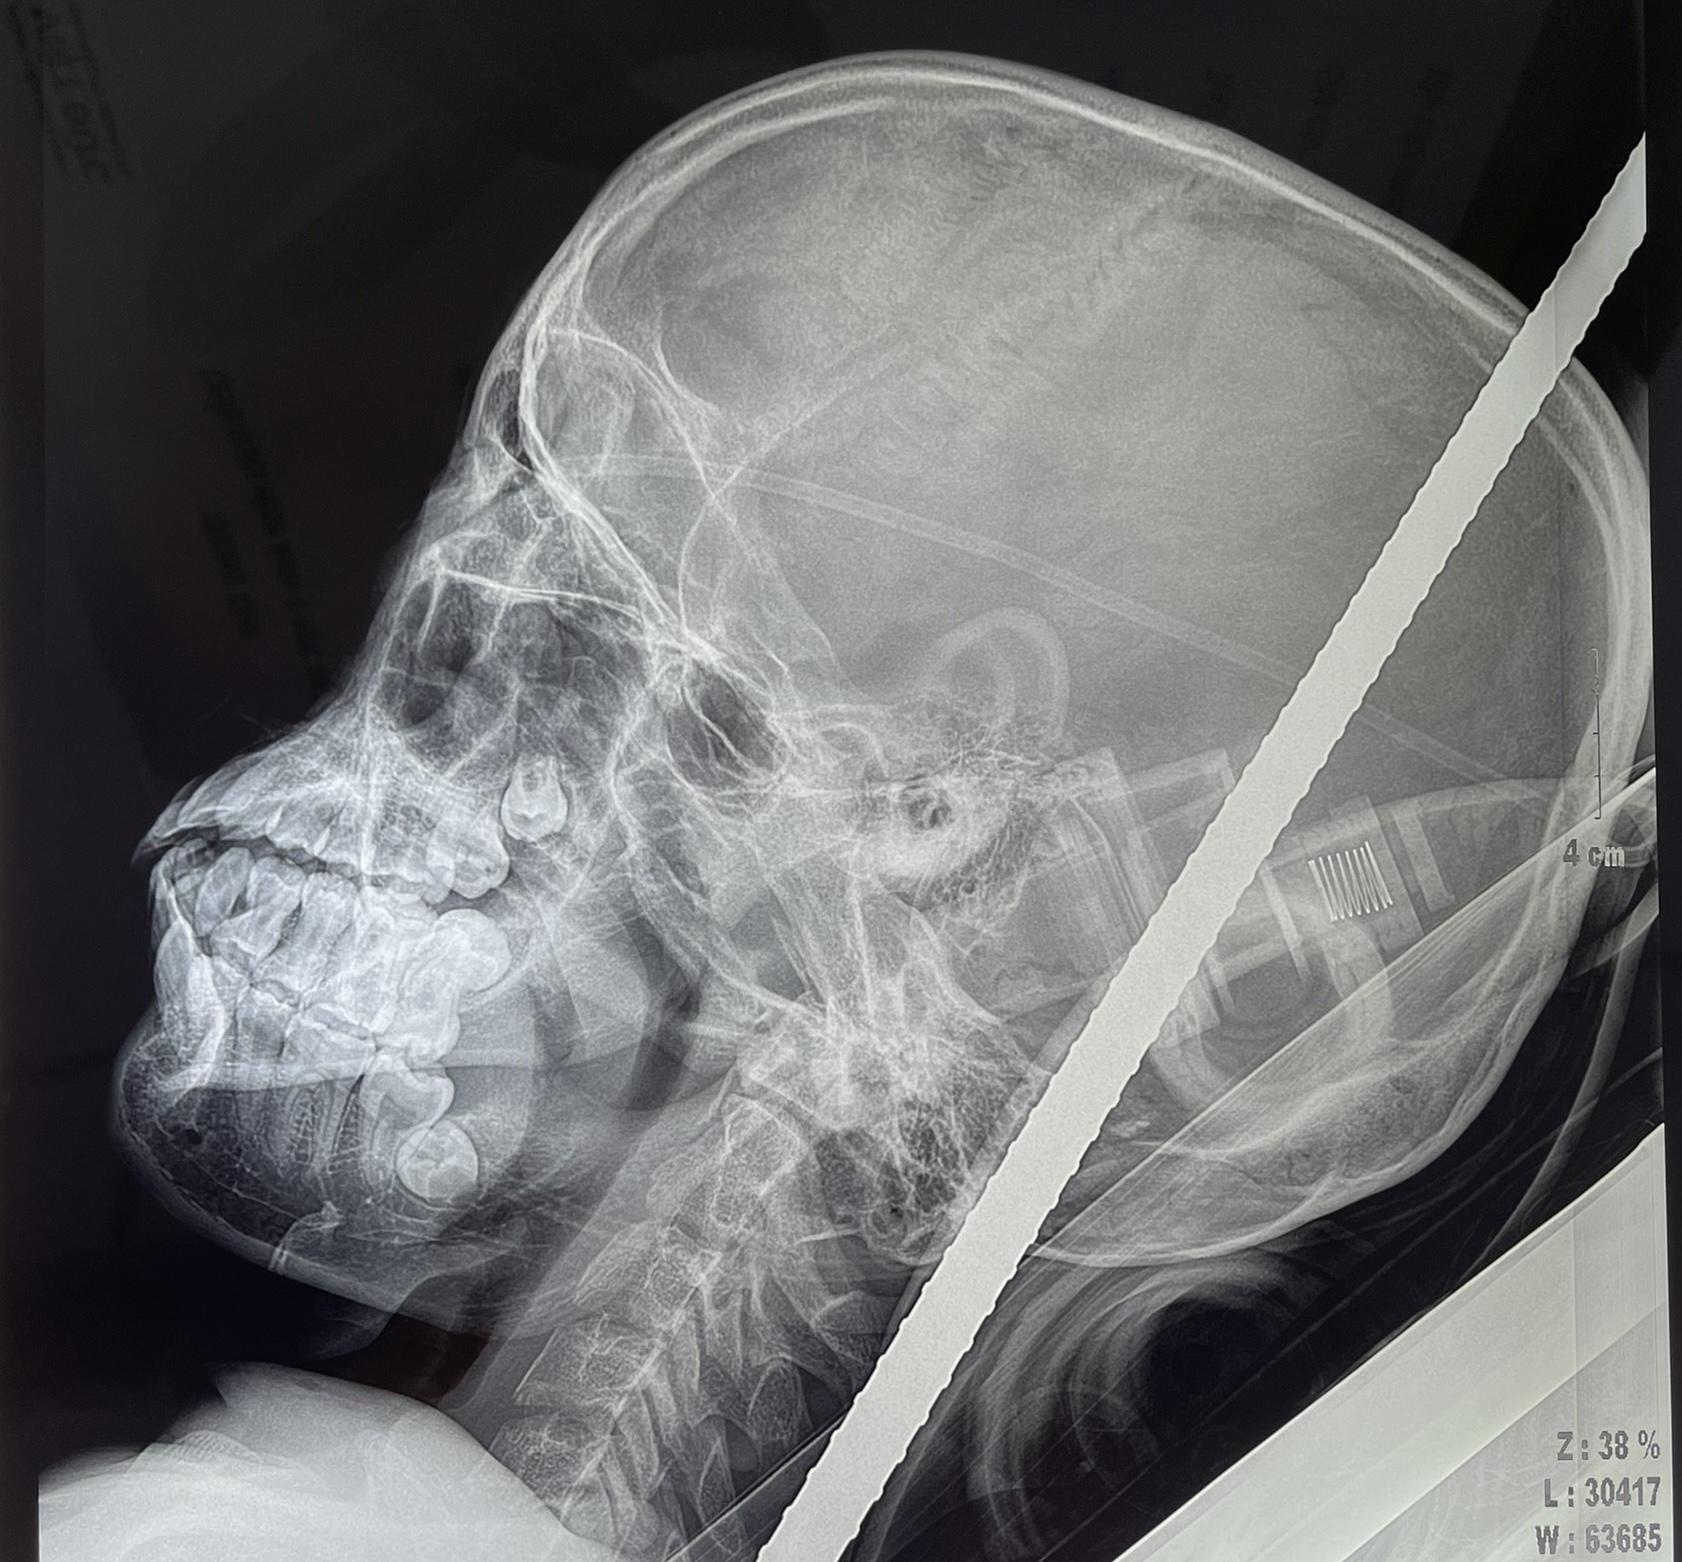 Rơi tự do từ tầng cao xuống, nam thanh niên 18 tuổi bị thanh sắt xuyên thấu từ cổ qua não - Ảnh 1.